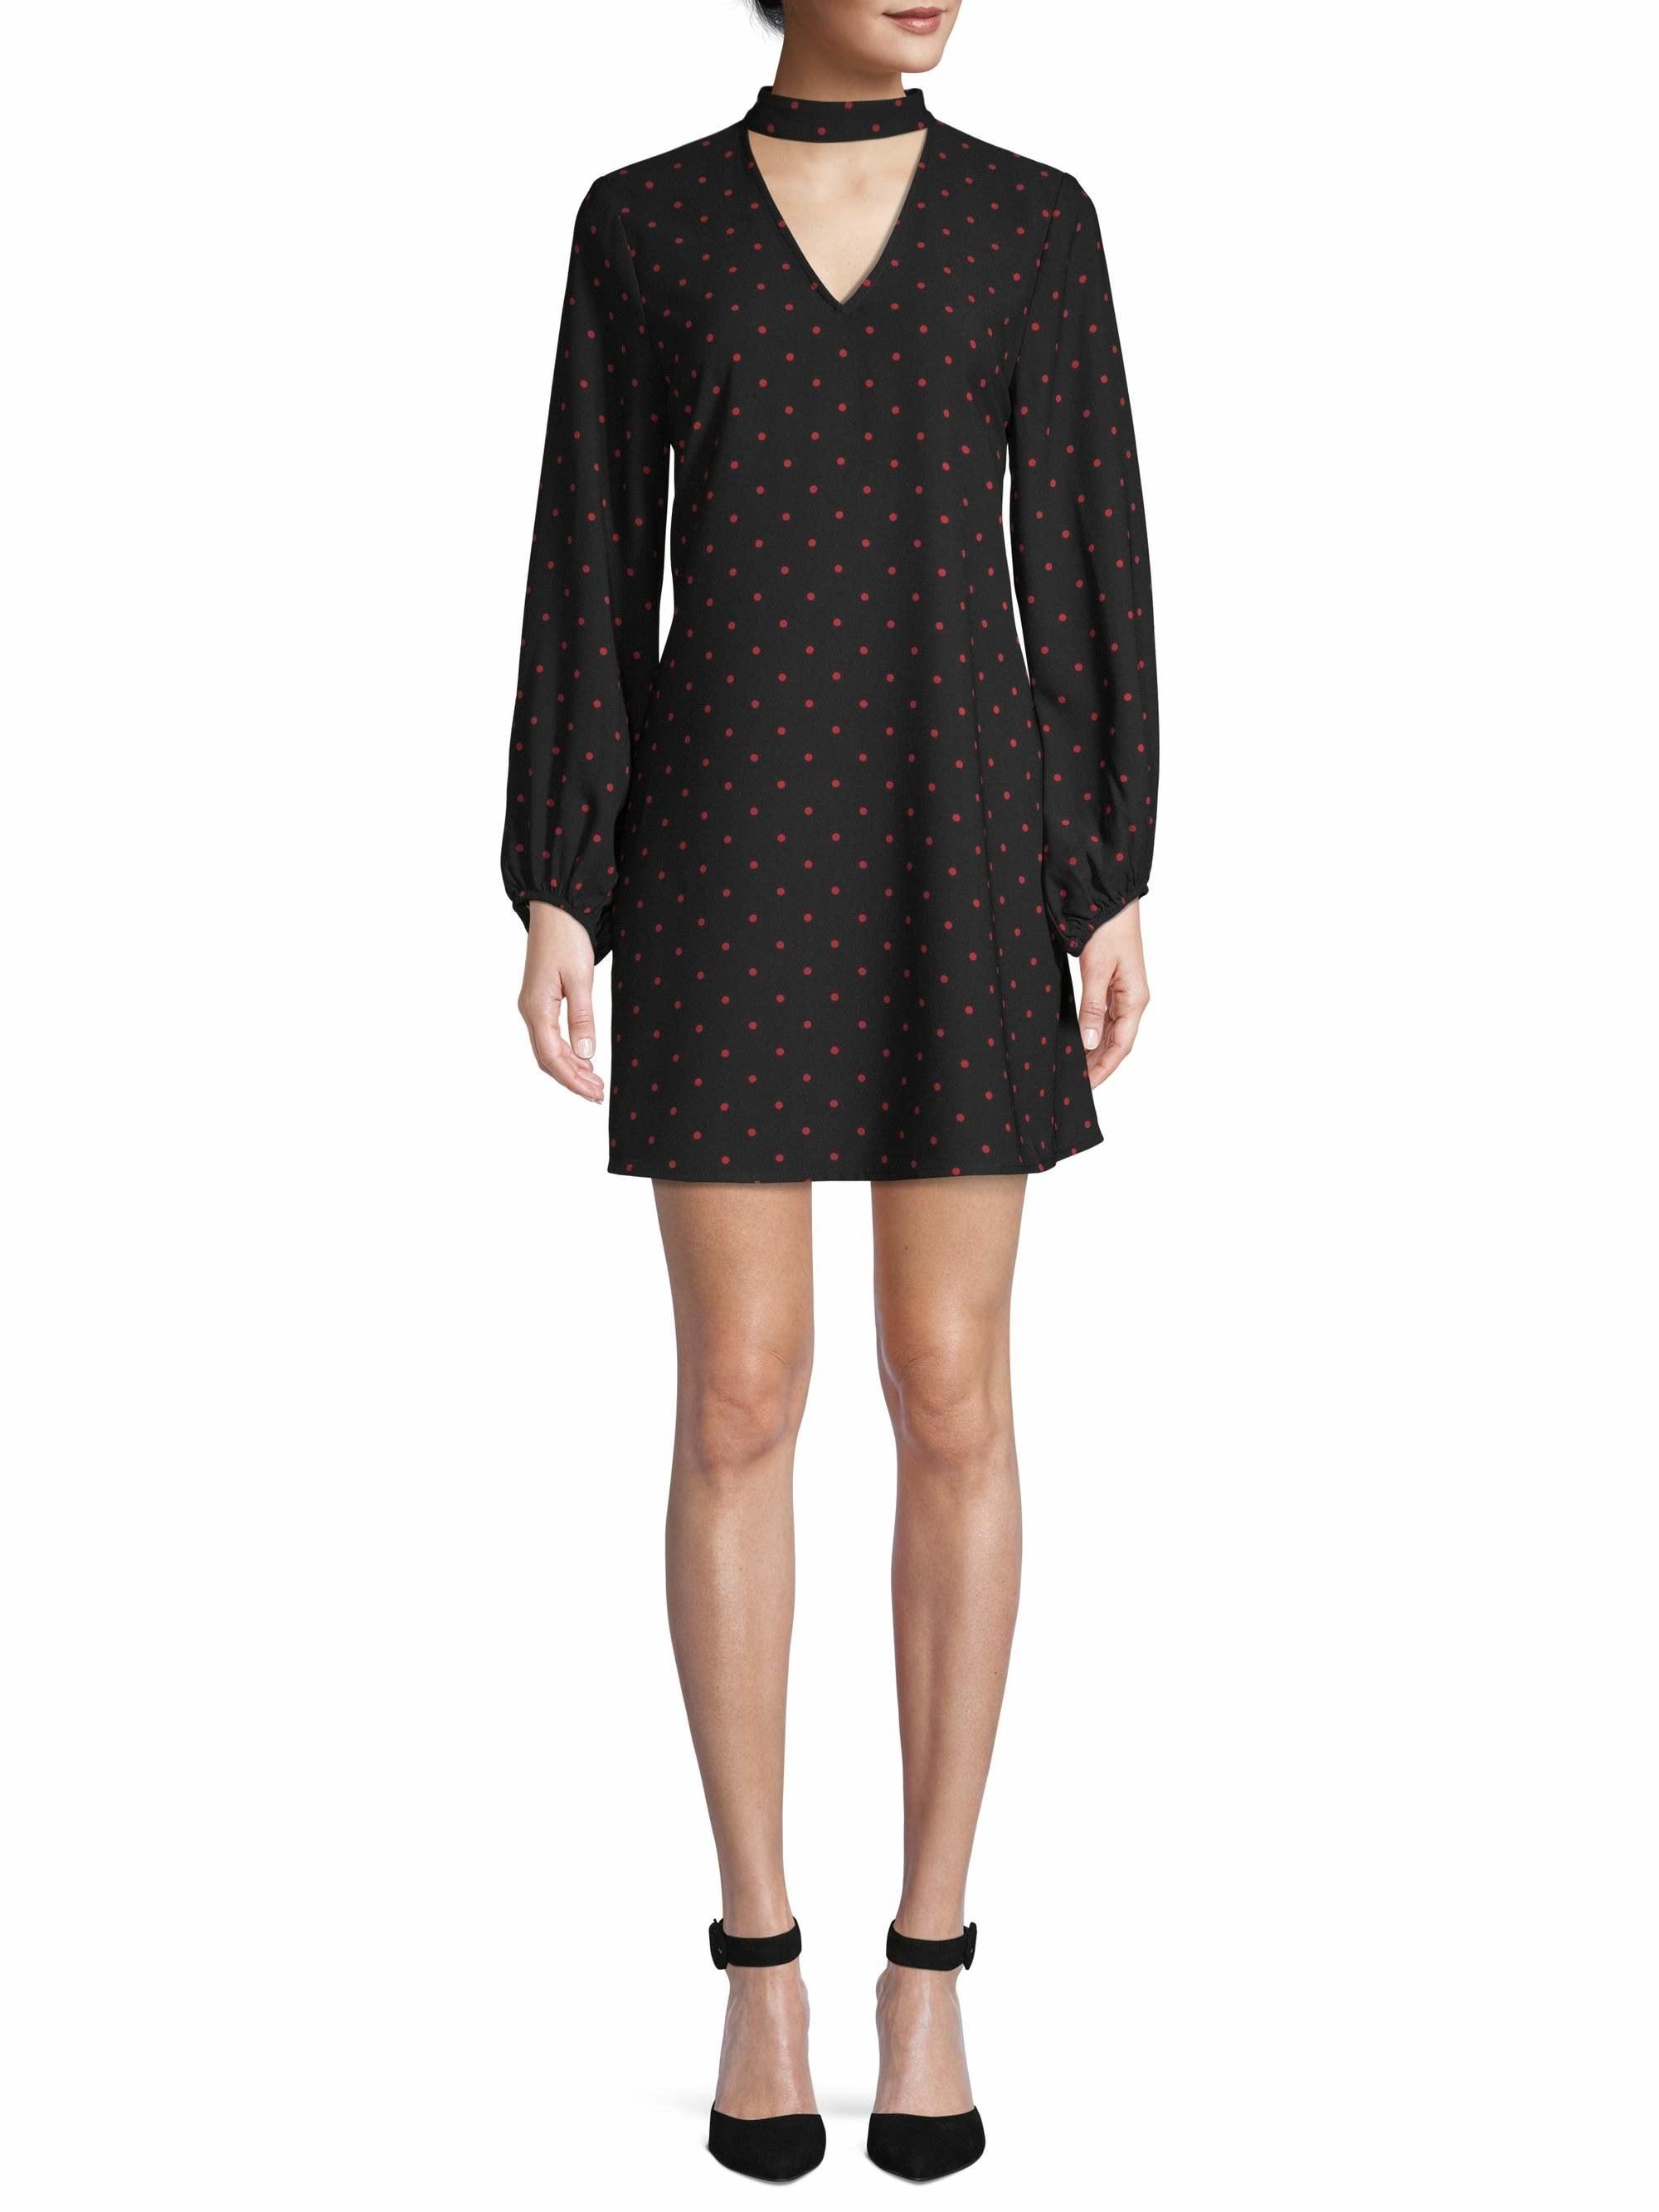 Model wears dress with black heels